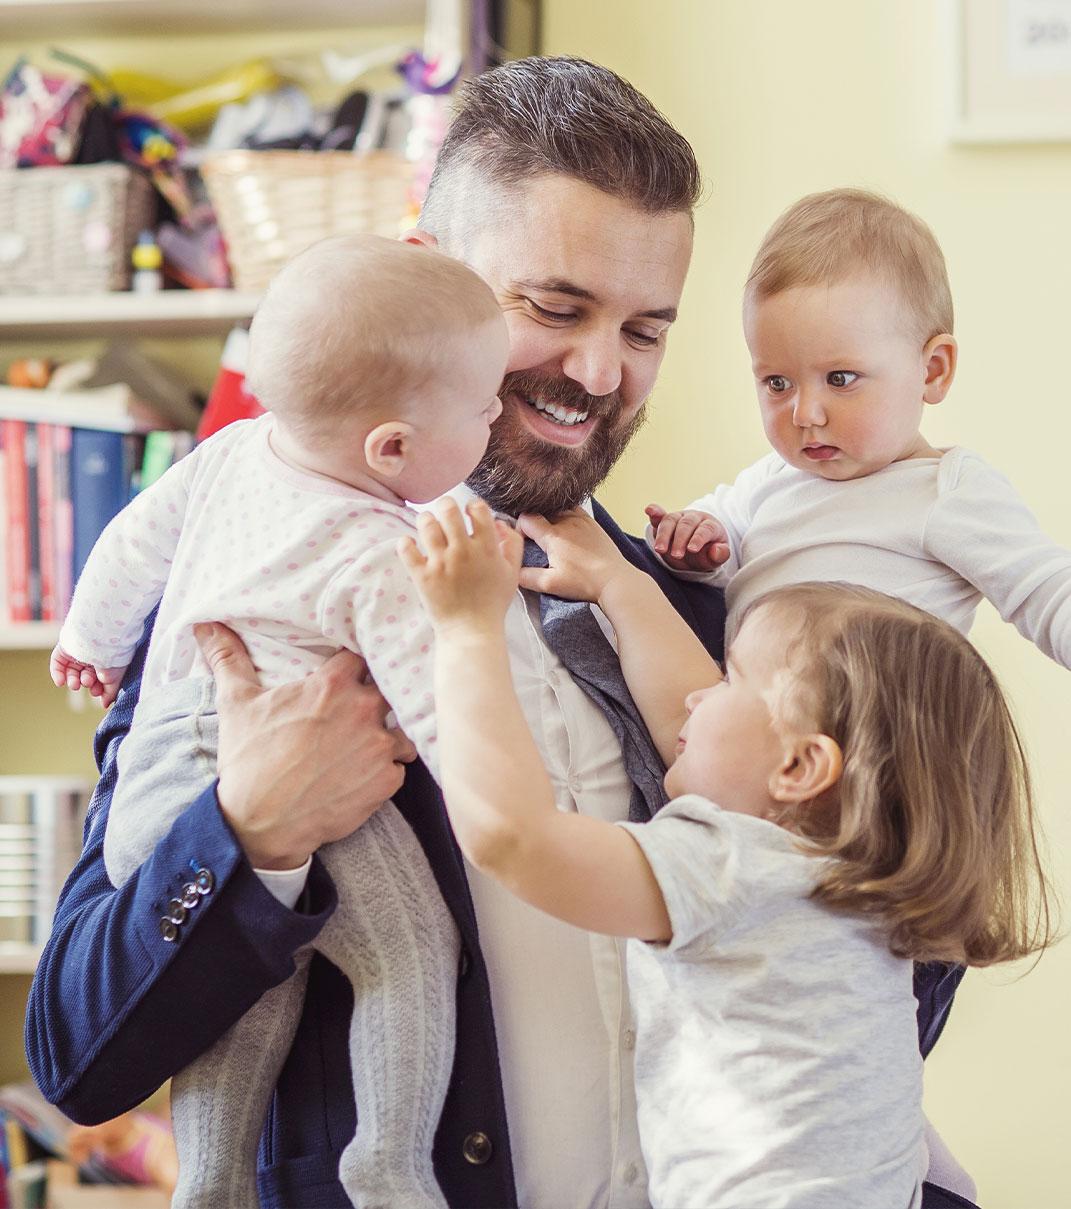 Man with three children